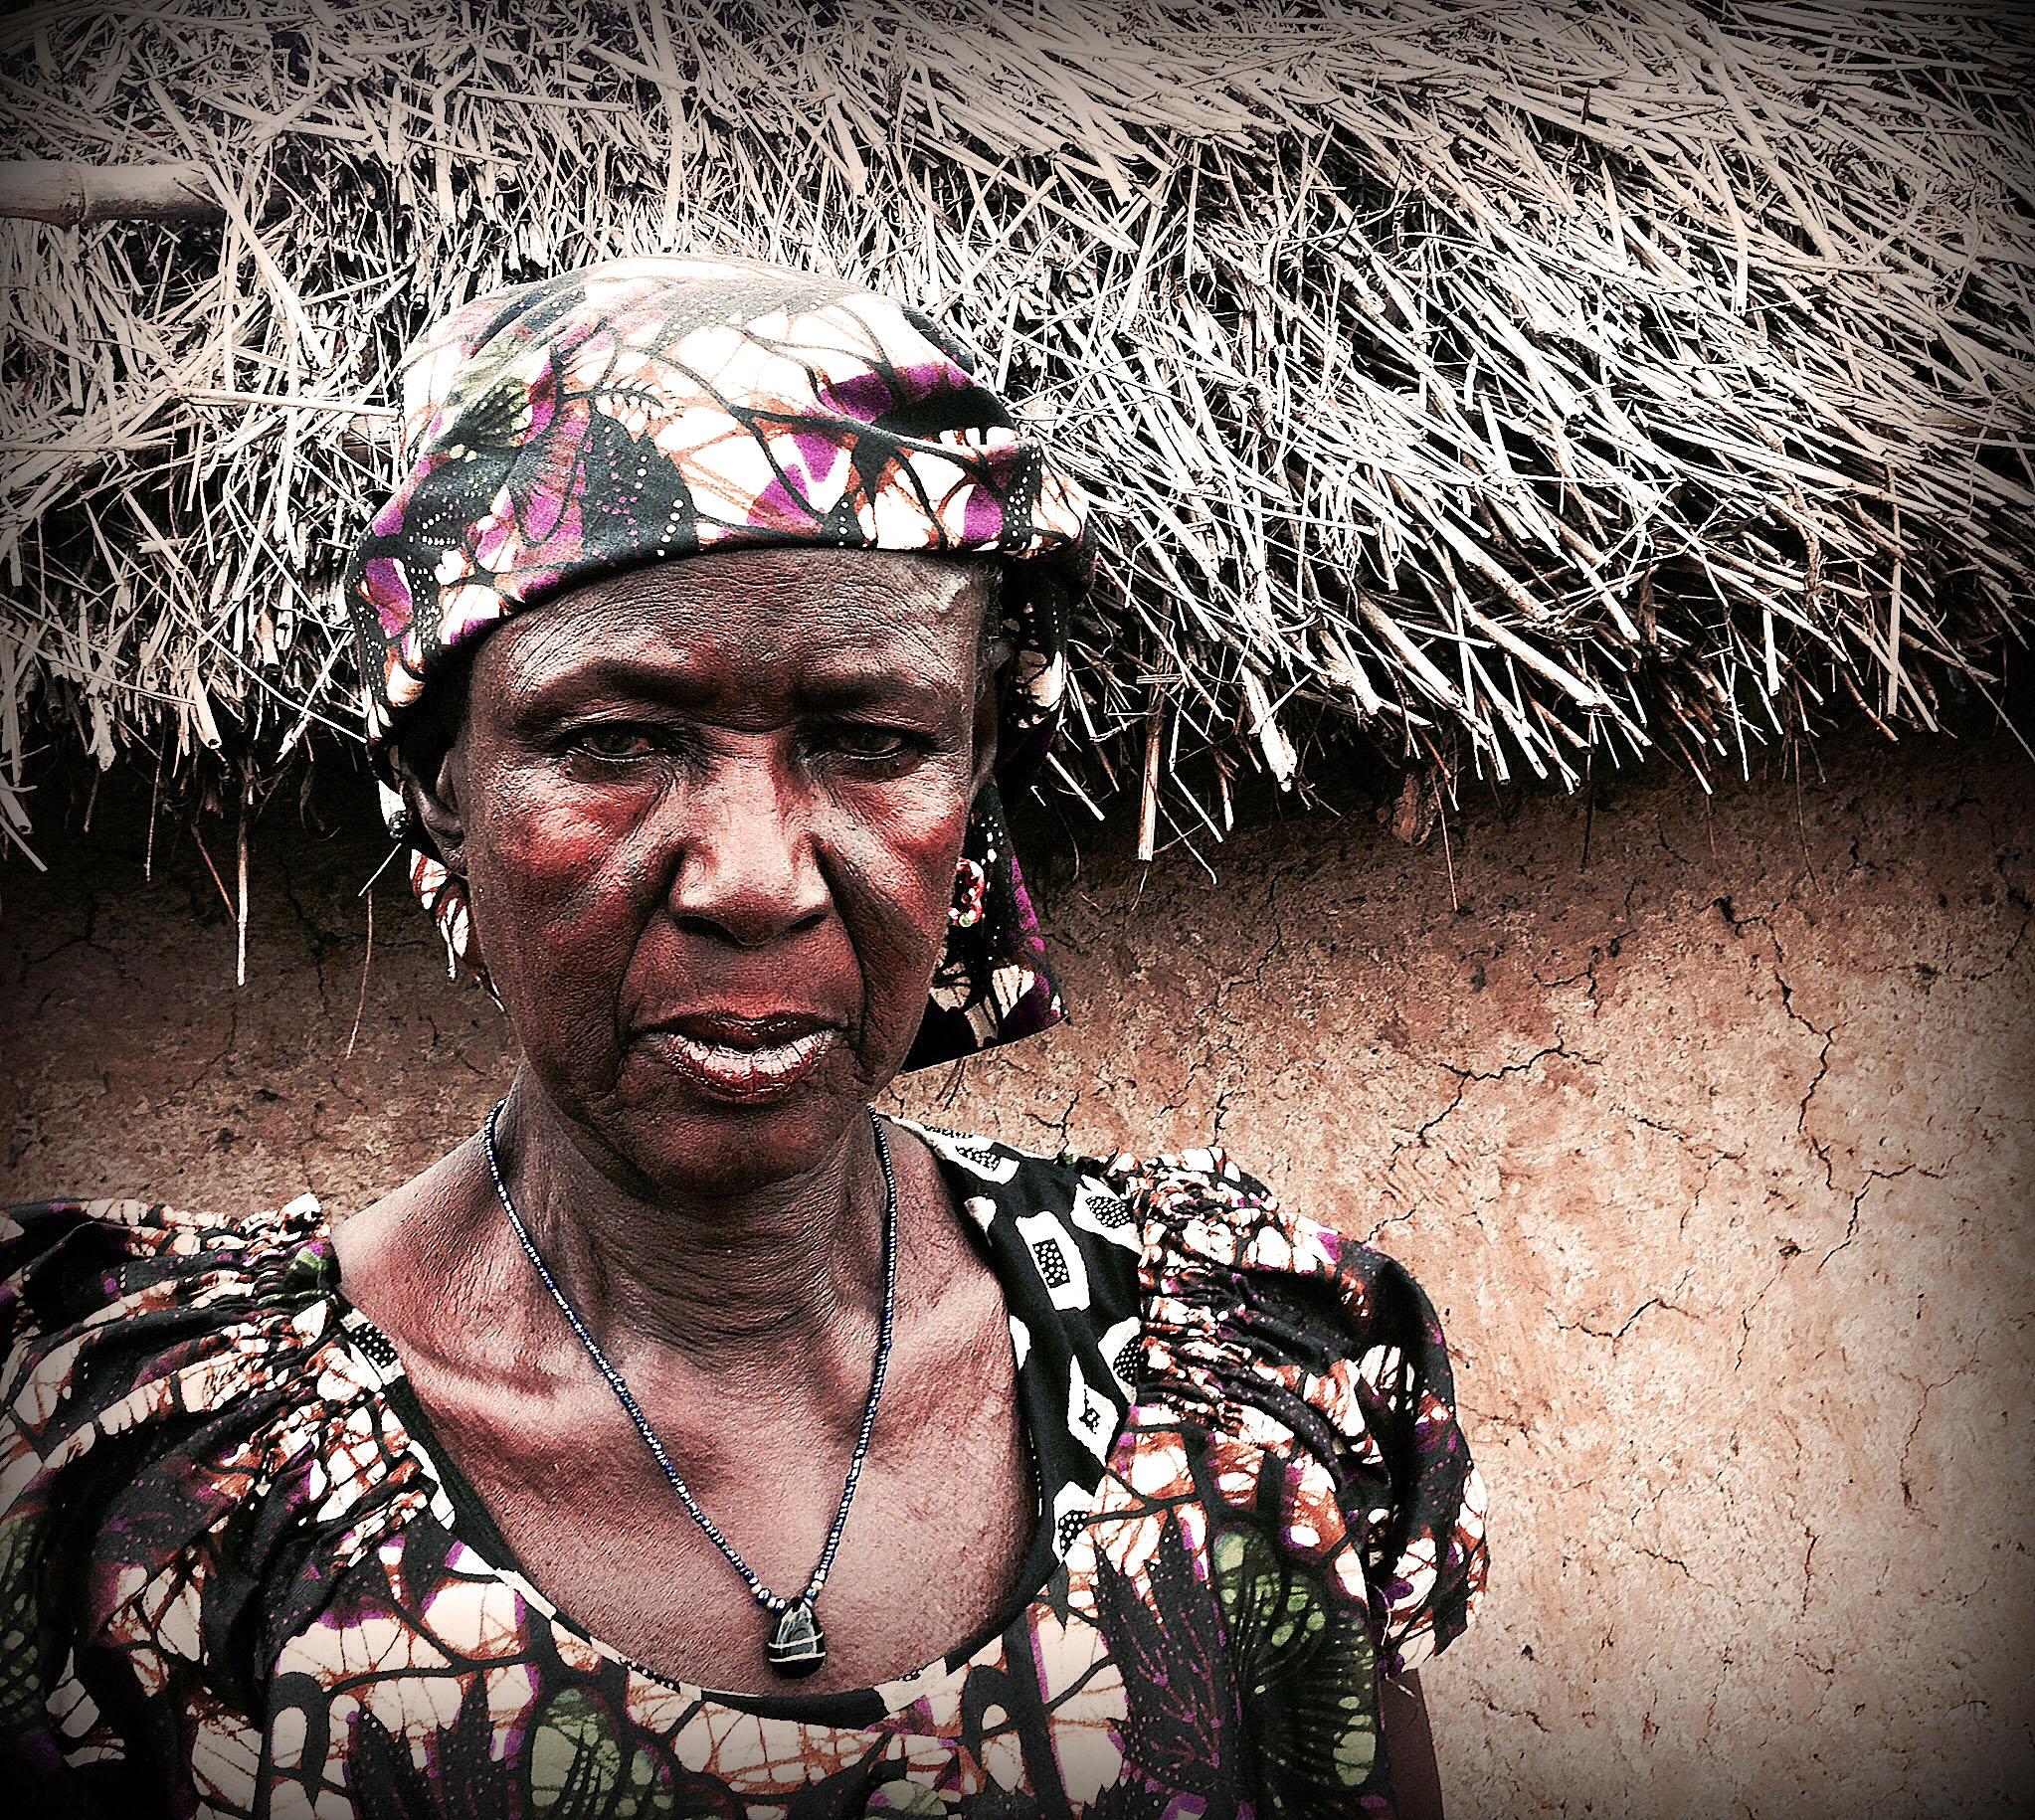 Bimbaa, 75 years old